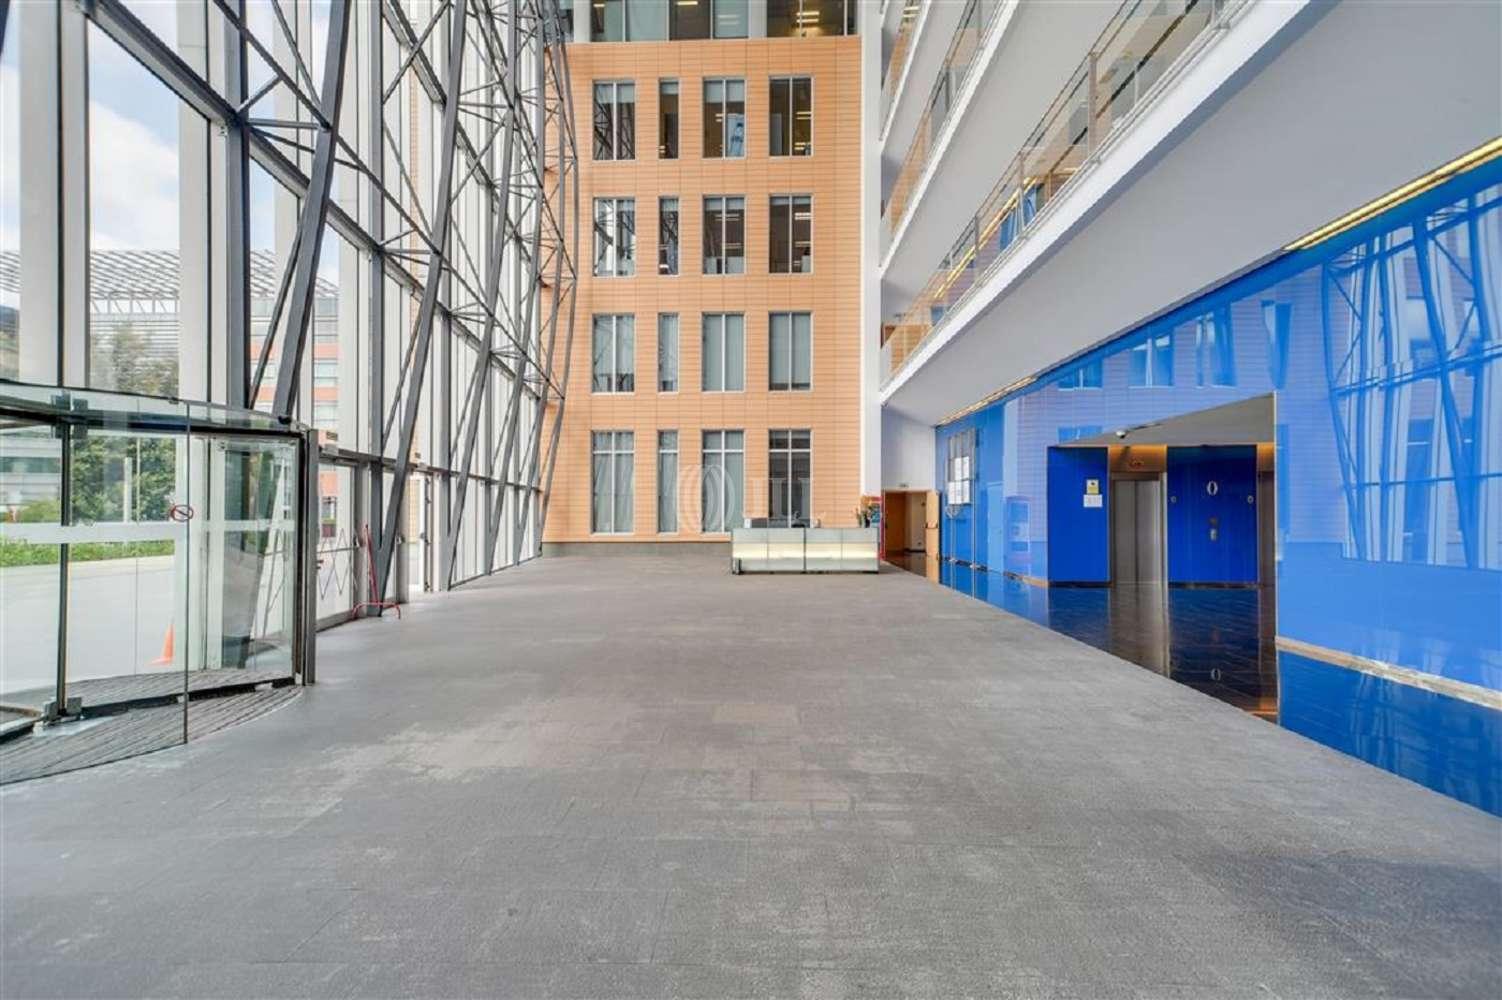 Oficina Cornellà de llobregat, 08940 - WTC ALMEDA PARK - Edificio 8 - 20040